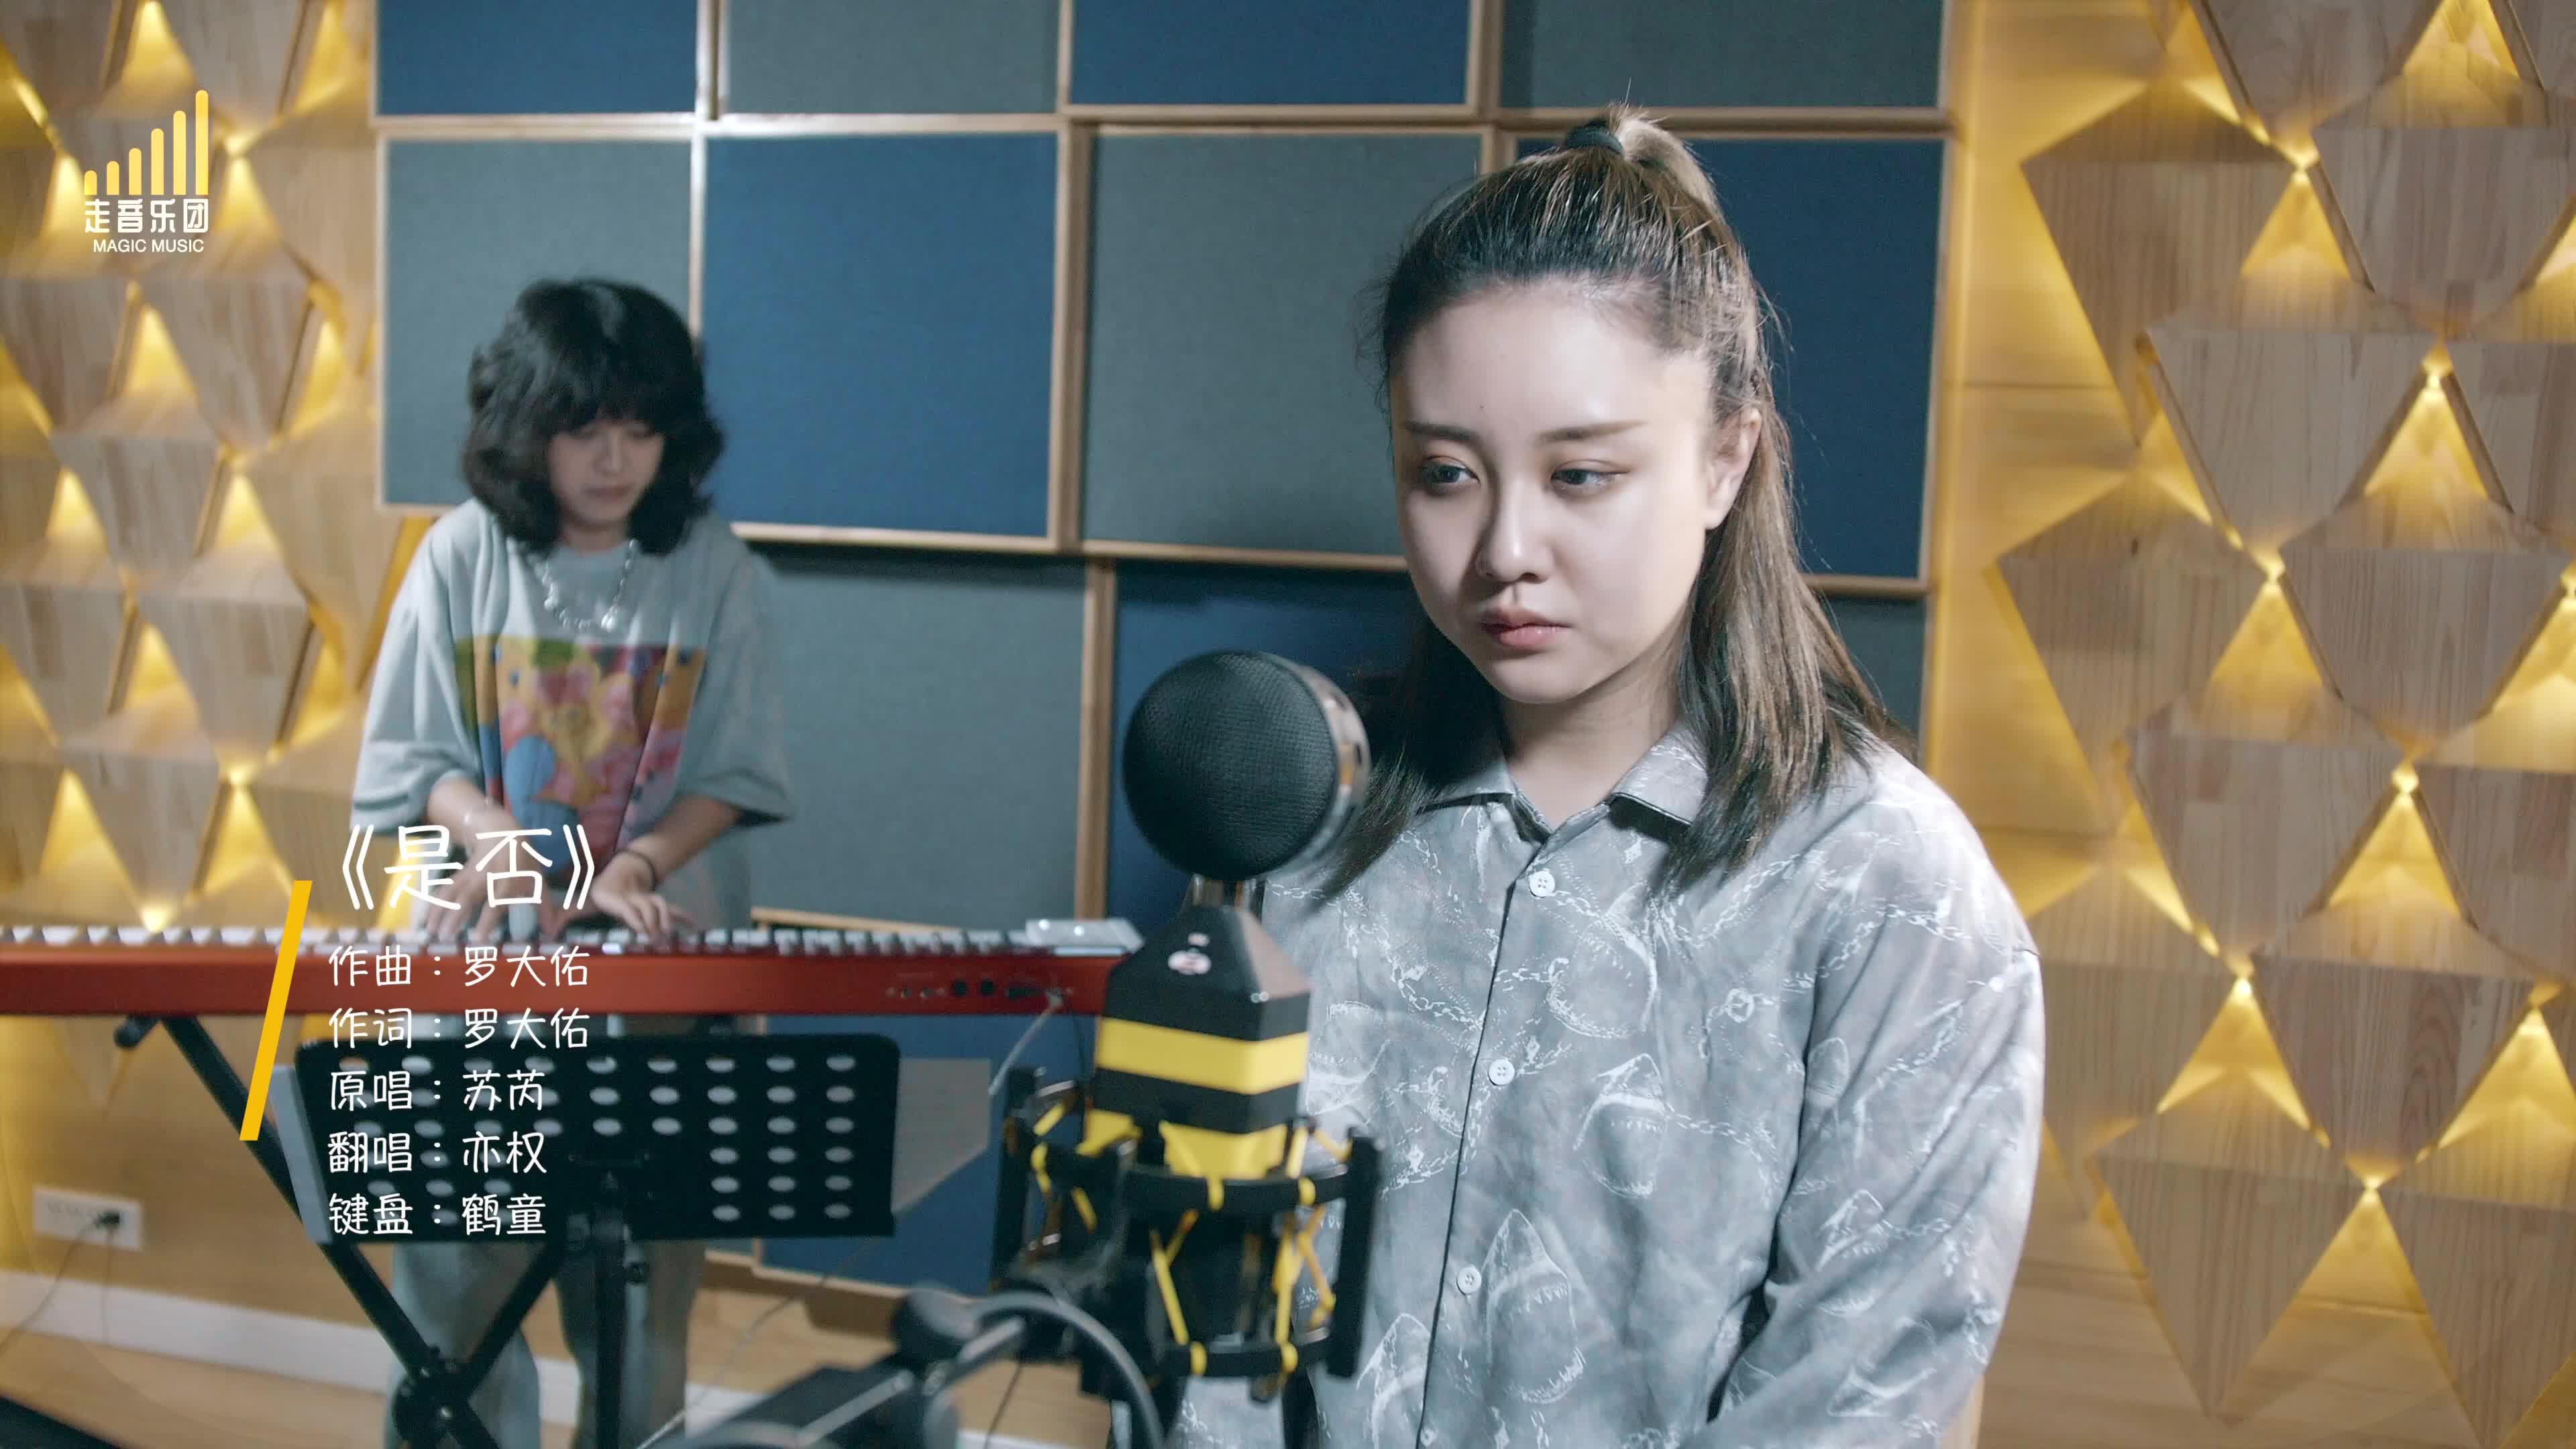 【走音乐团】鹤童 亦权 cover《是否》